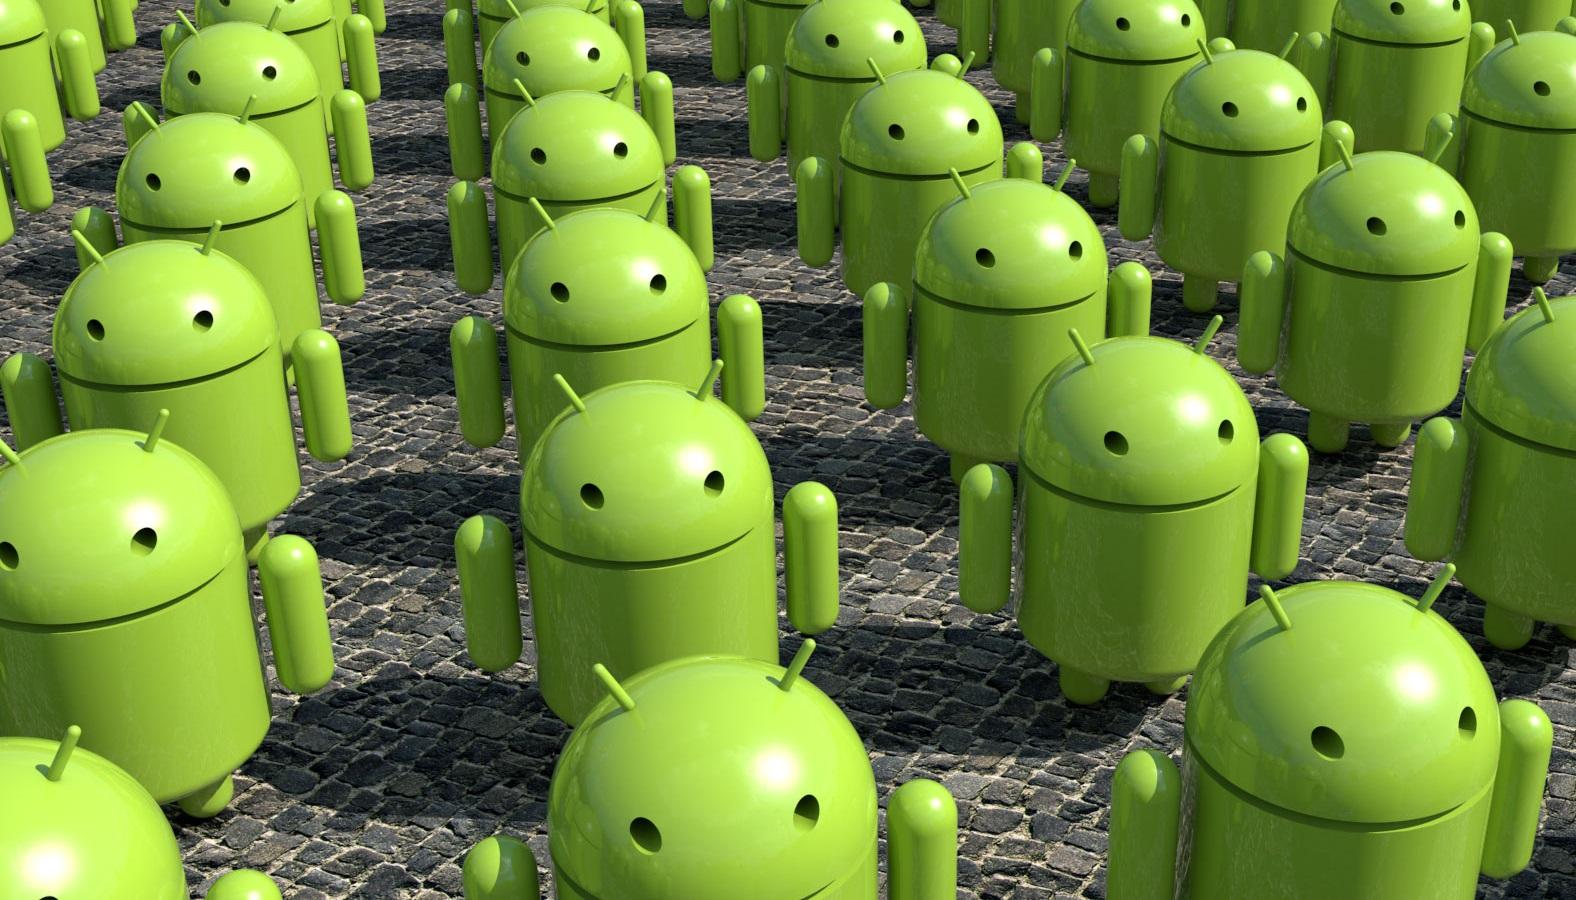 Смартфоны Android занимают 85% мирового рынка